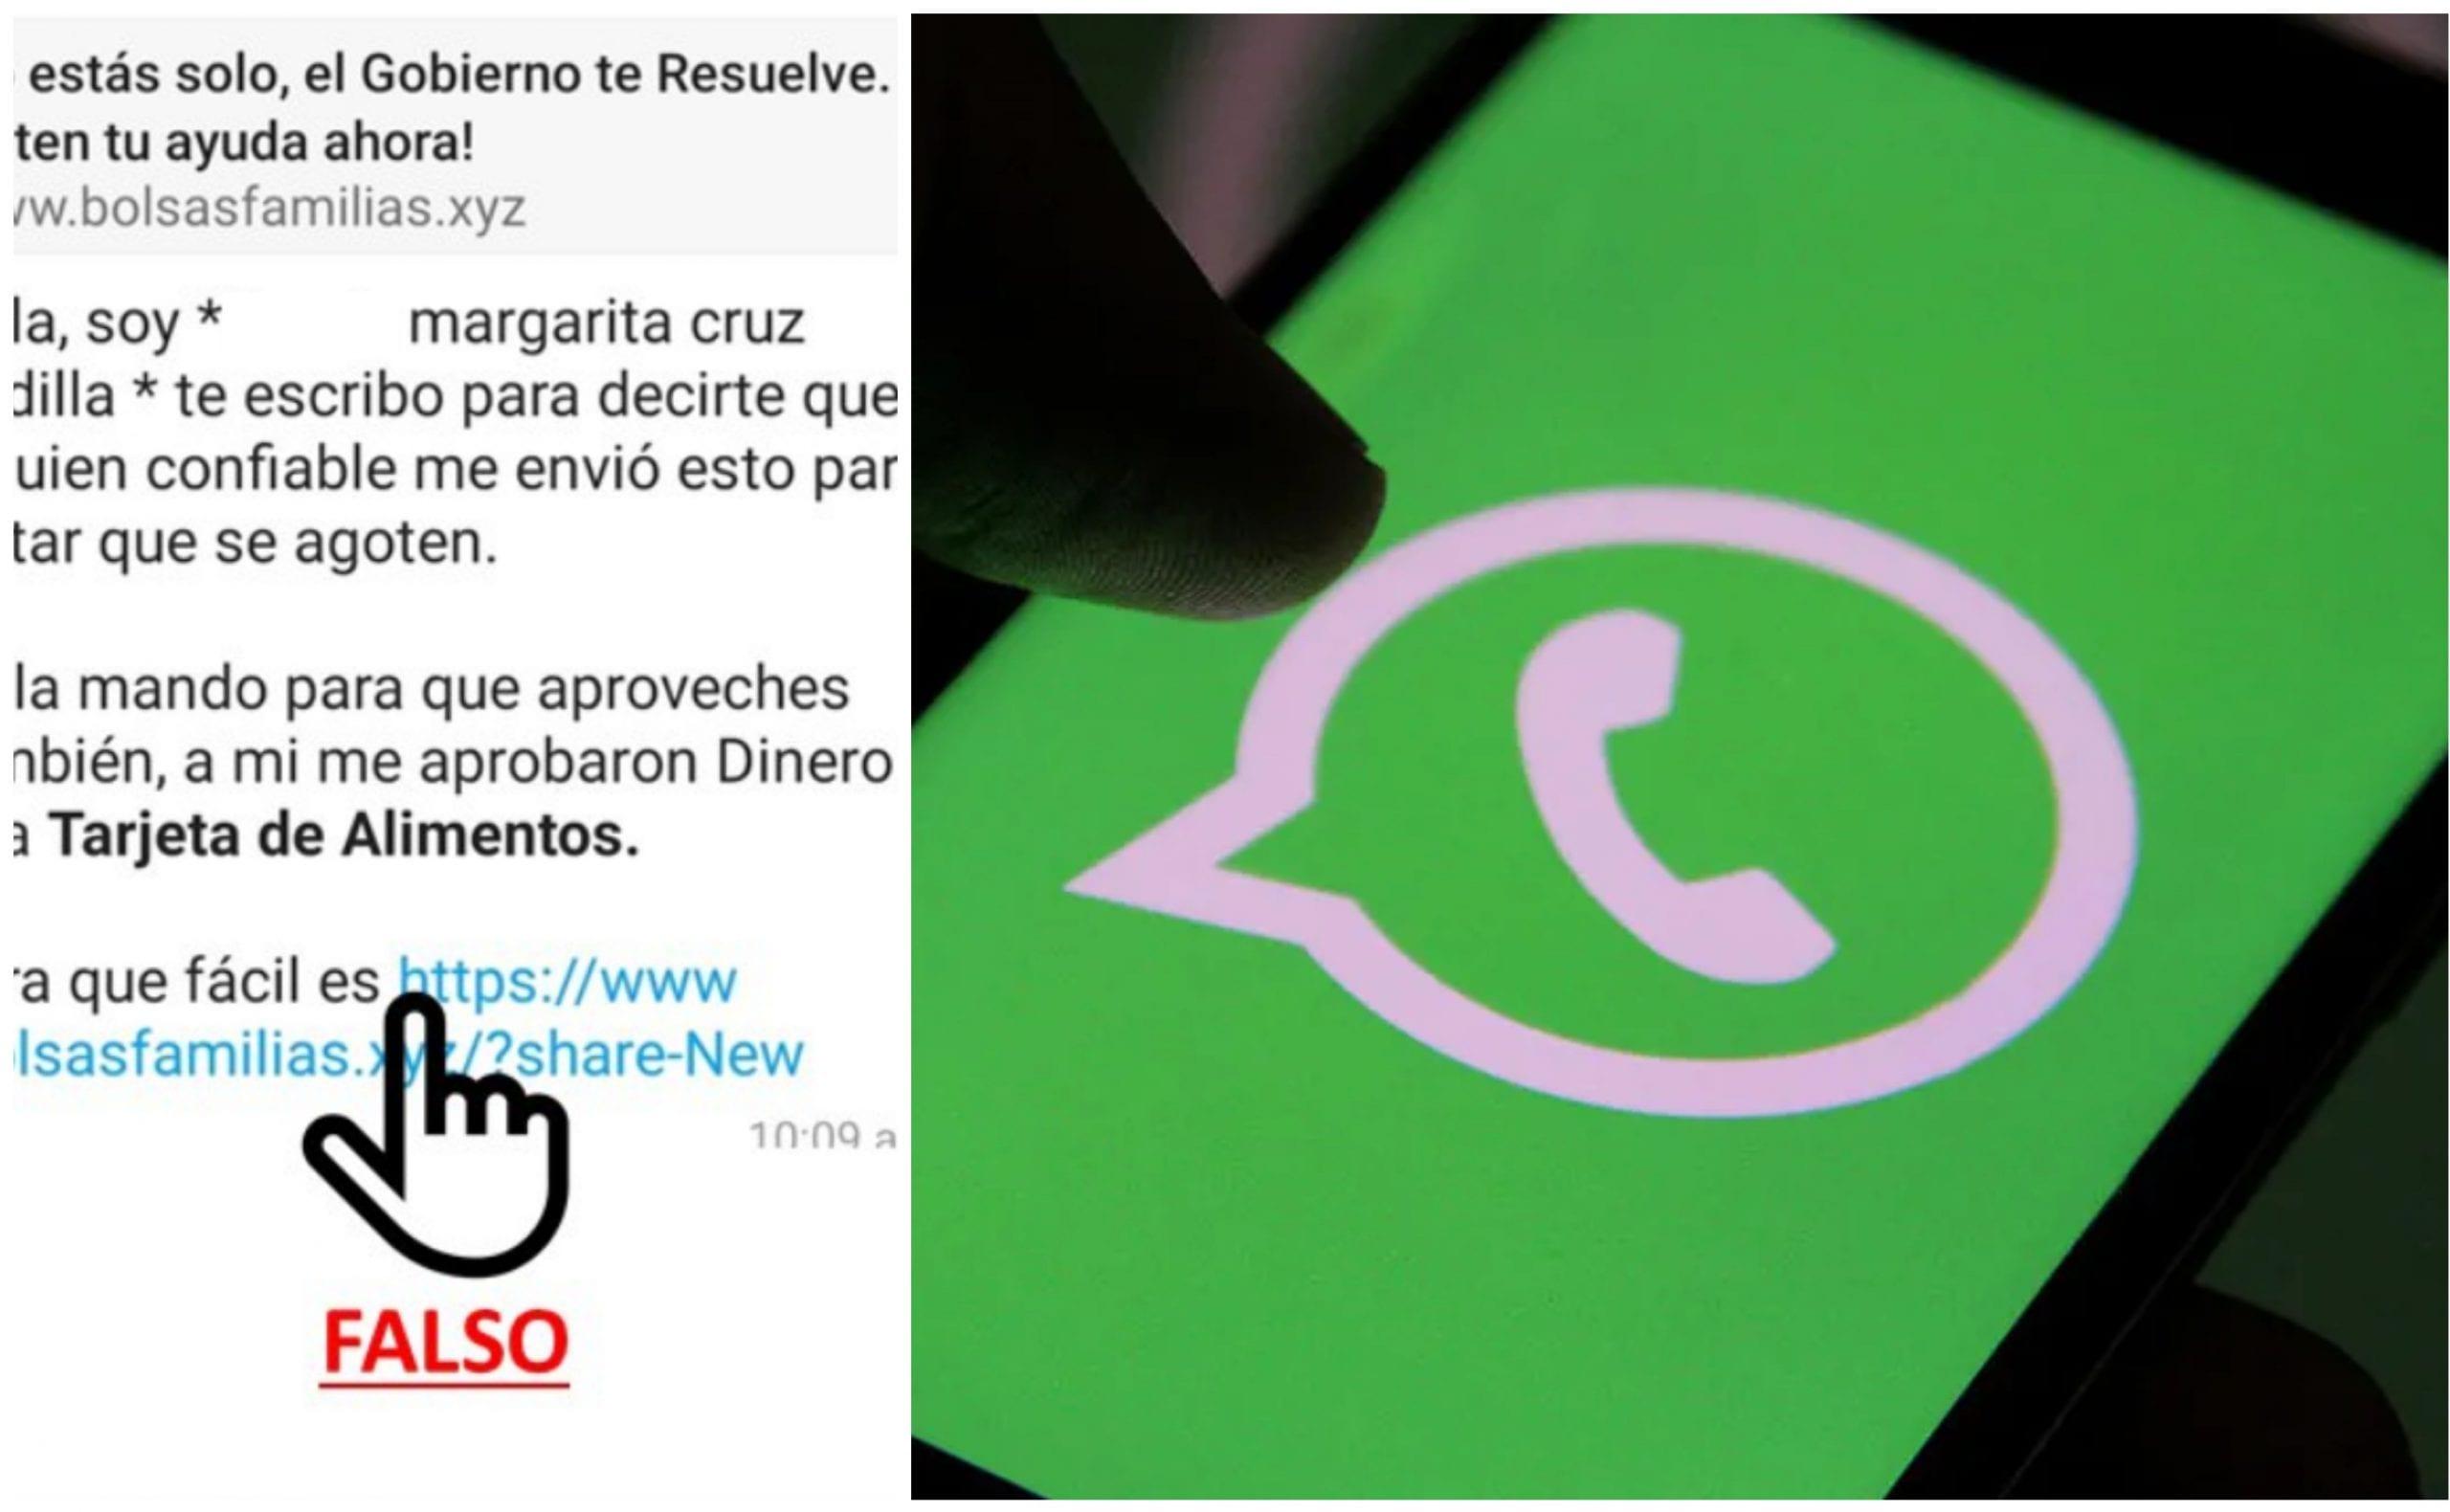 Autoridades hondureñas alertan a la población para que no abran este tipo de mensajes, pues al hacerlo exponen a todos sus contactos.